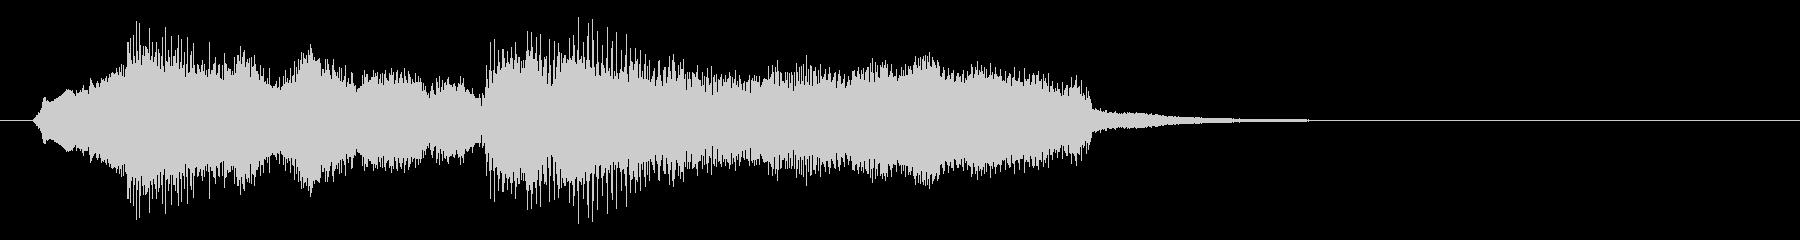 生演奏バイオリンのセクシーなジングルの未再生の波形